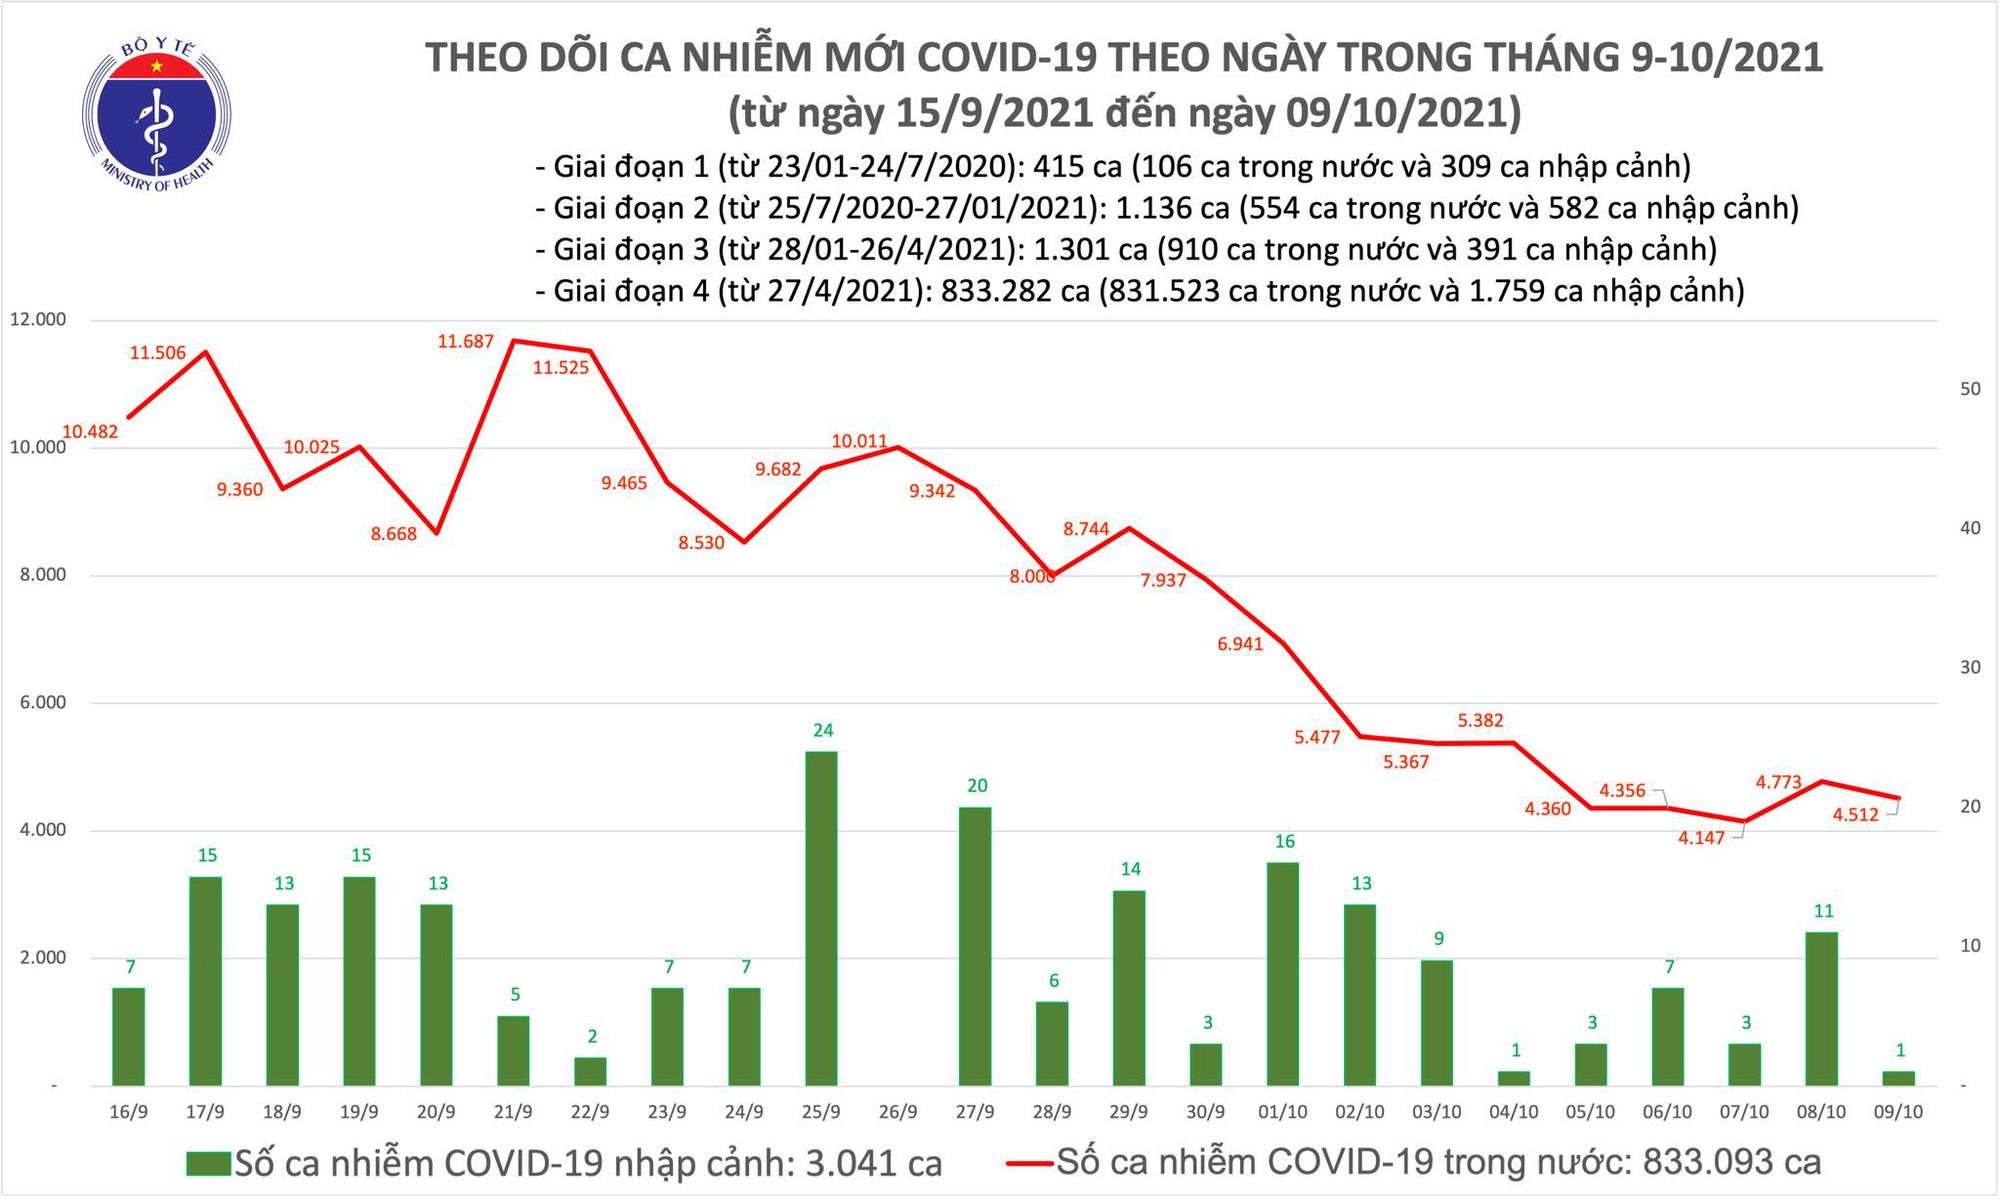 Ngày 9/10: Có 4.513 ca mắc COVID-19 tại TP HCM và 39 tỉnh, thành phố, giảm 261 ca so với hôm qua - Ảnh 1.